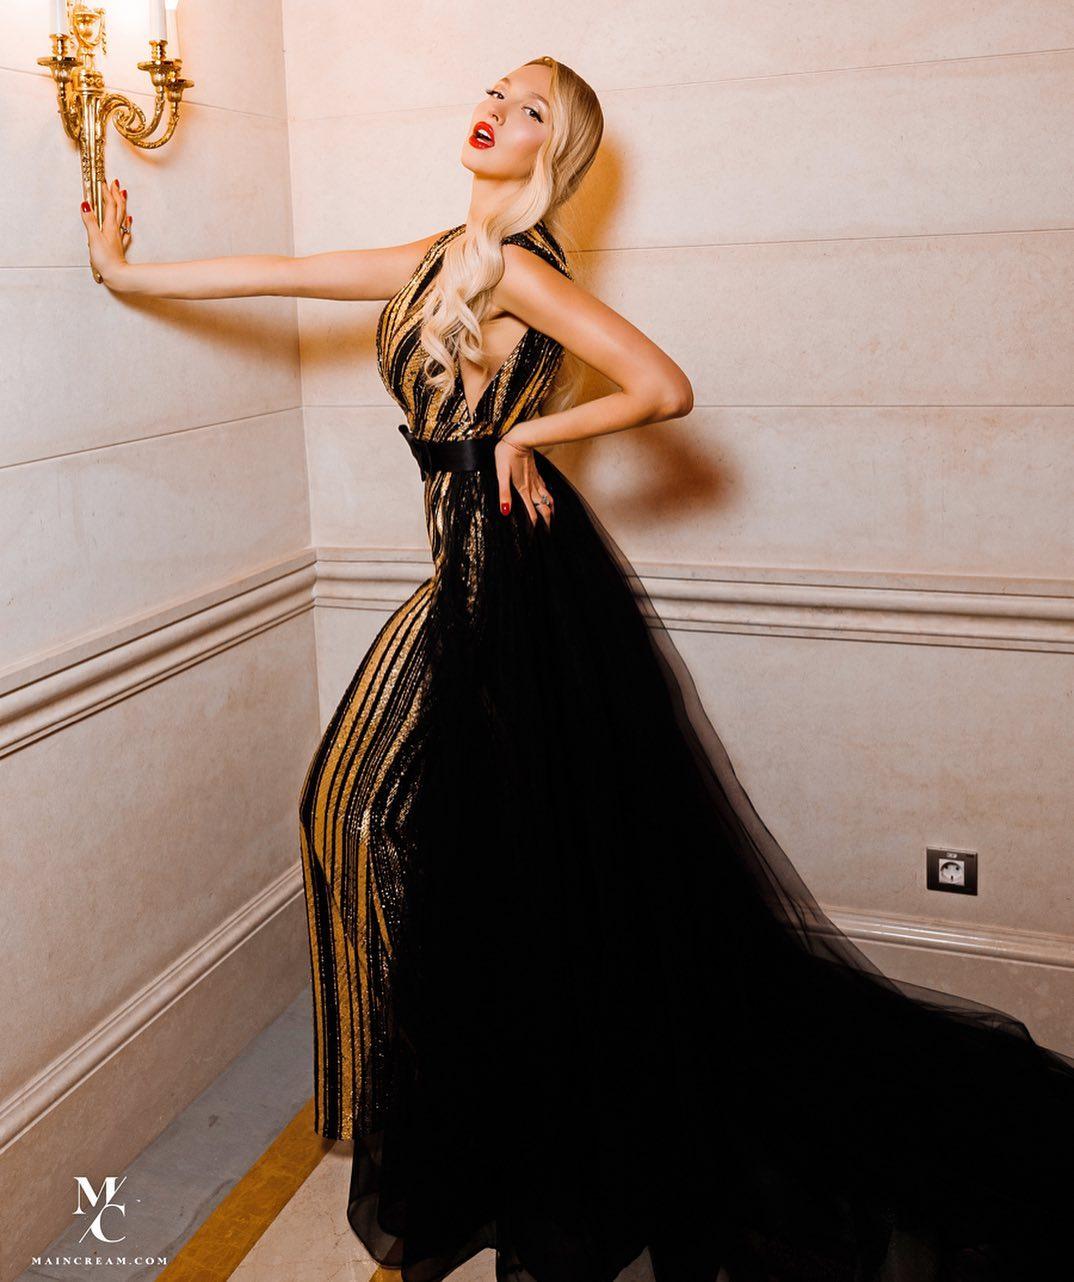 Такою ніколи не бачили: Оля Полякова похвалилася чудовою сукнею